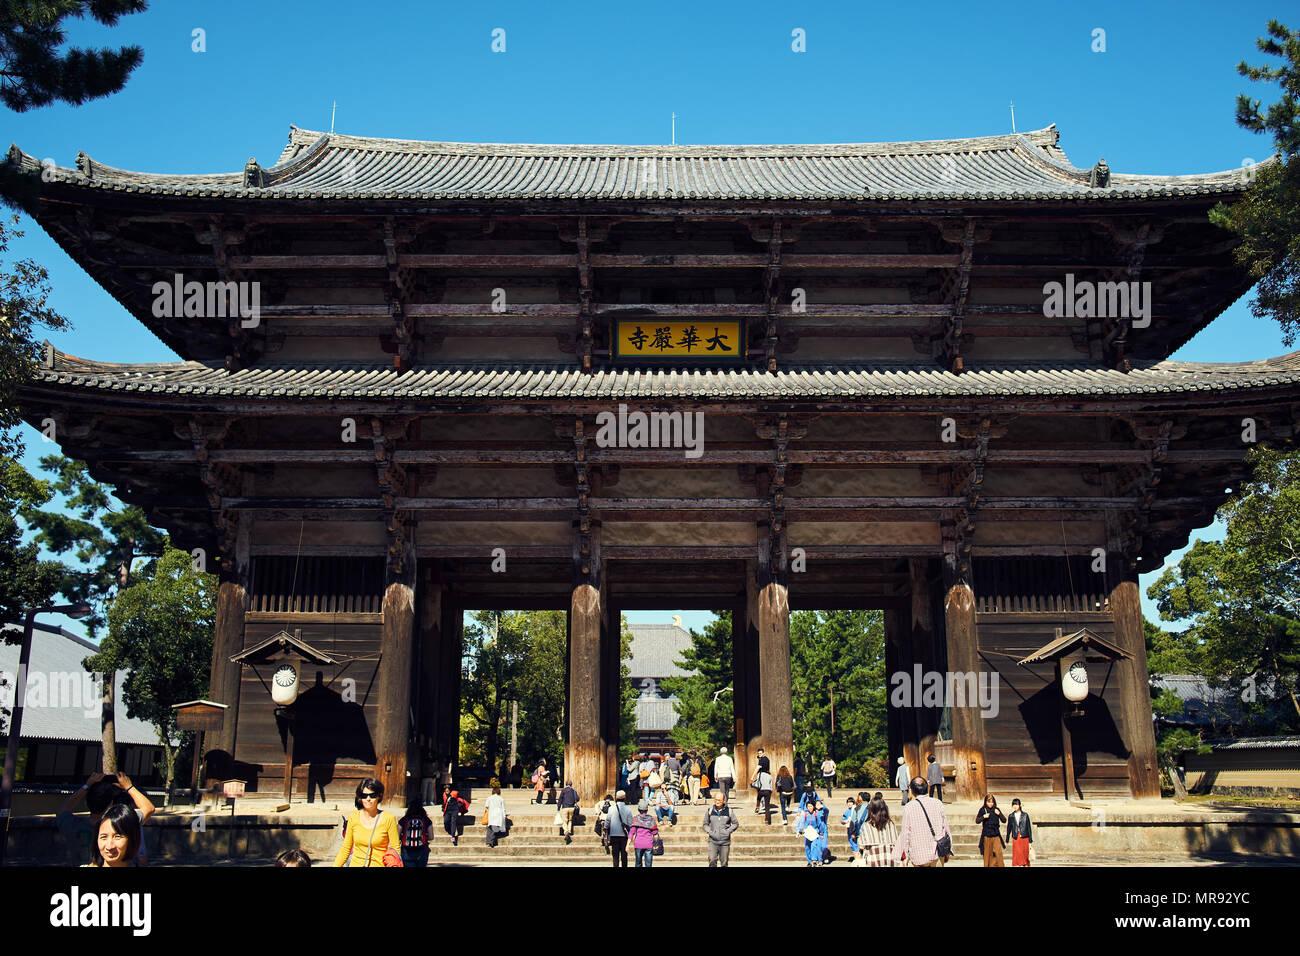 Gate at Todai-ji Temple in Nara Japan - Stock Image